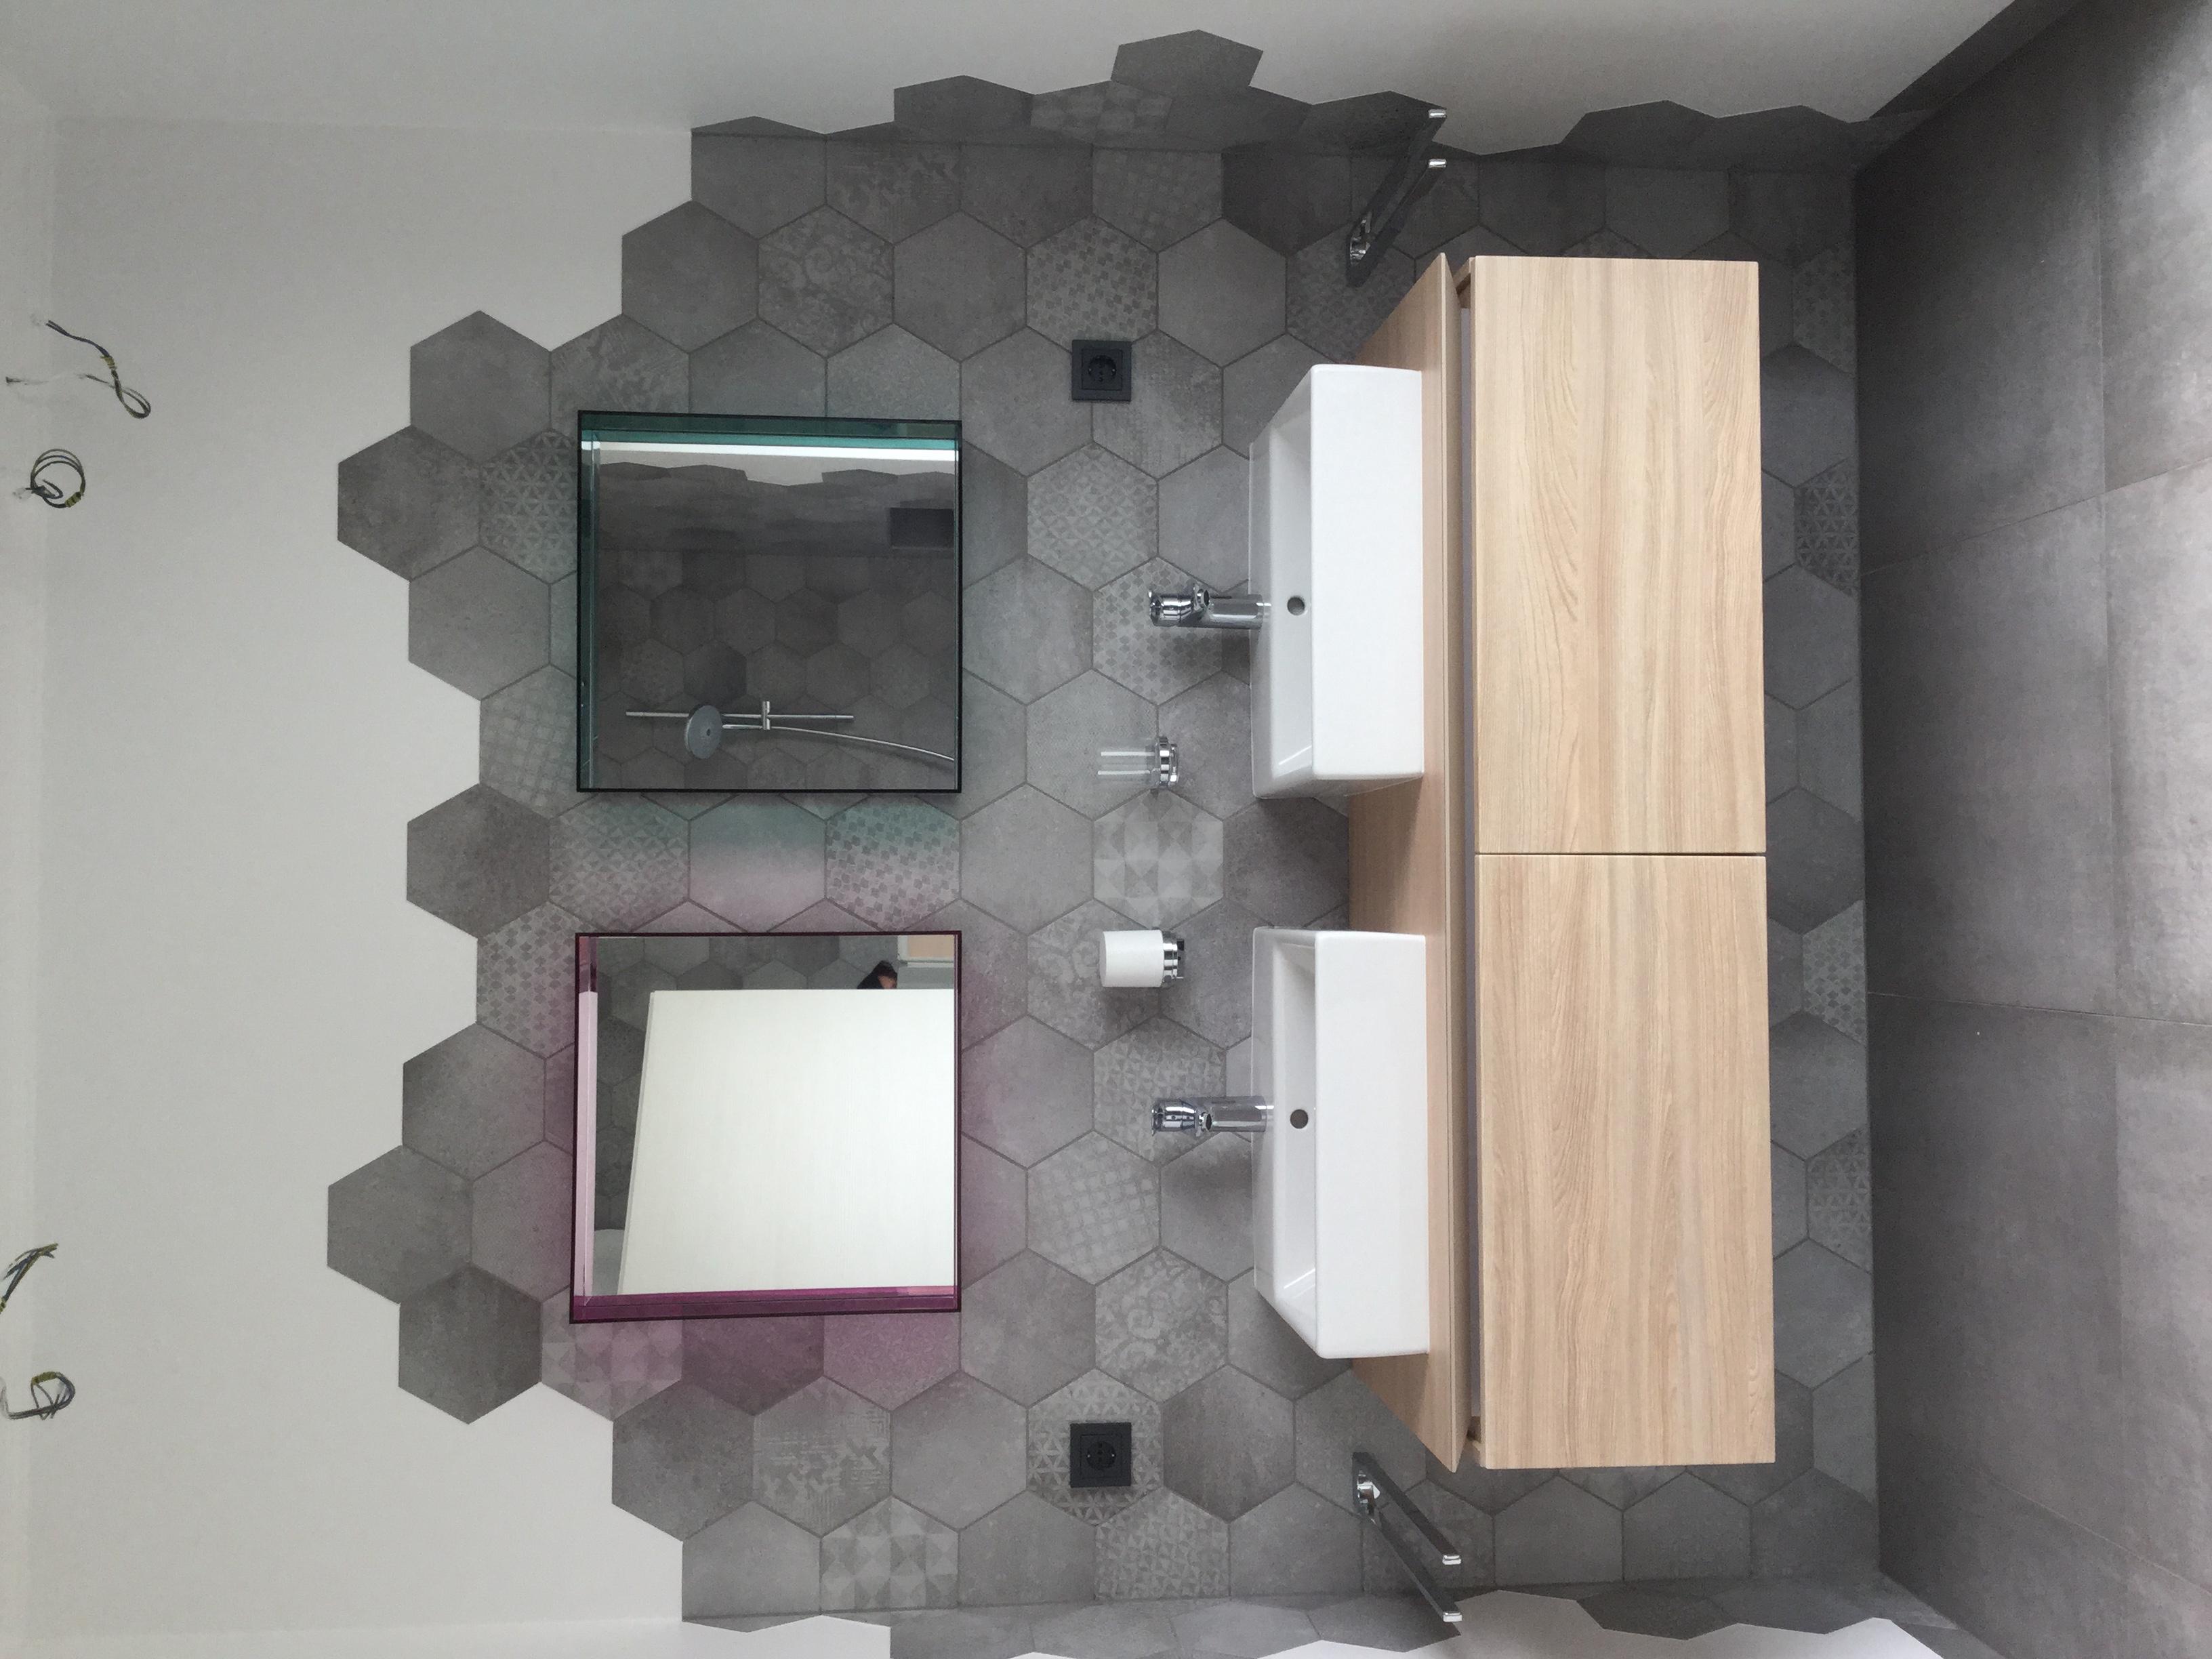 R novation d 39 une salle de bain par architecte d 39 int rieur for Architecte interieur salle de bain